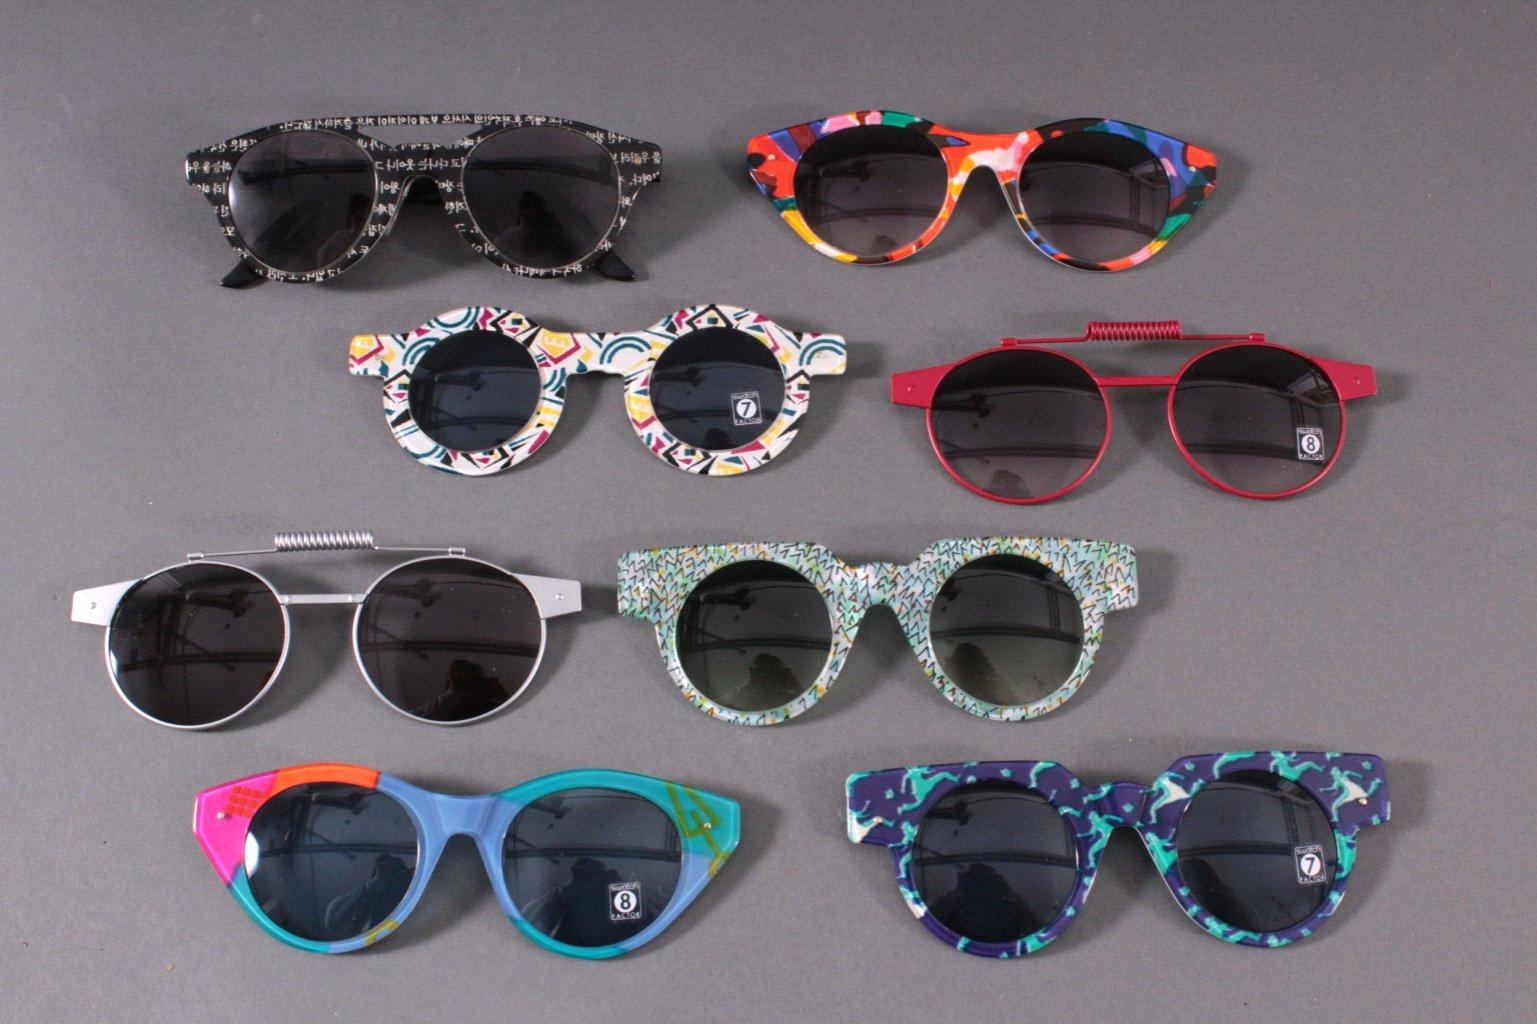 Sammlung Swatch Brillen aus den 90er Jahren